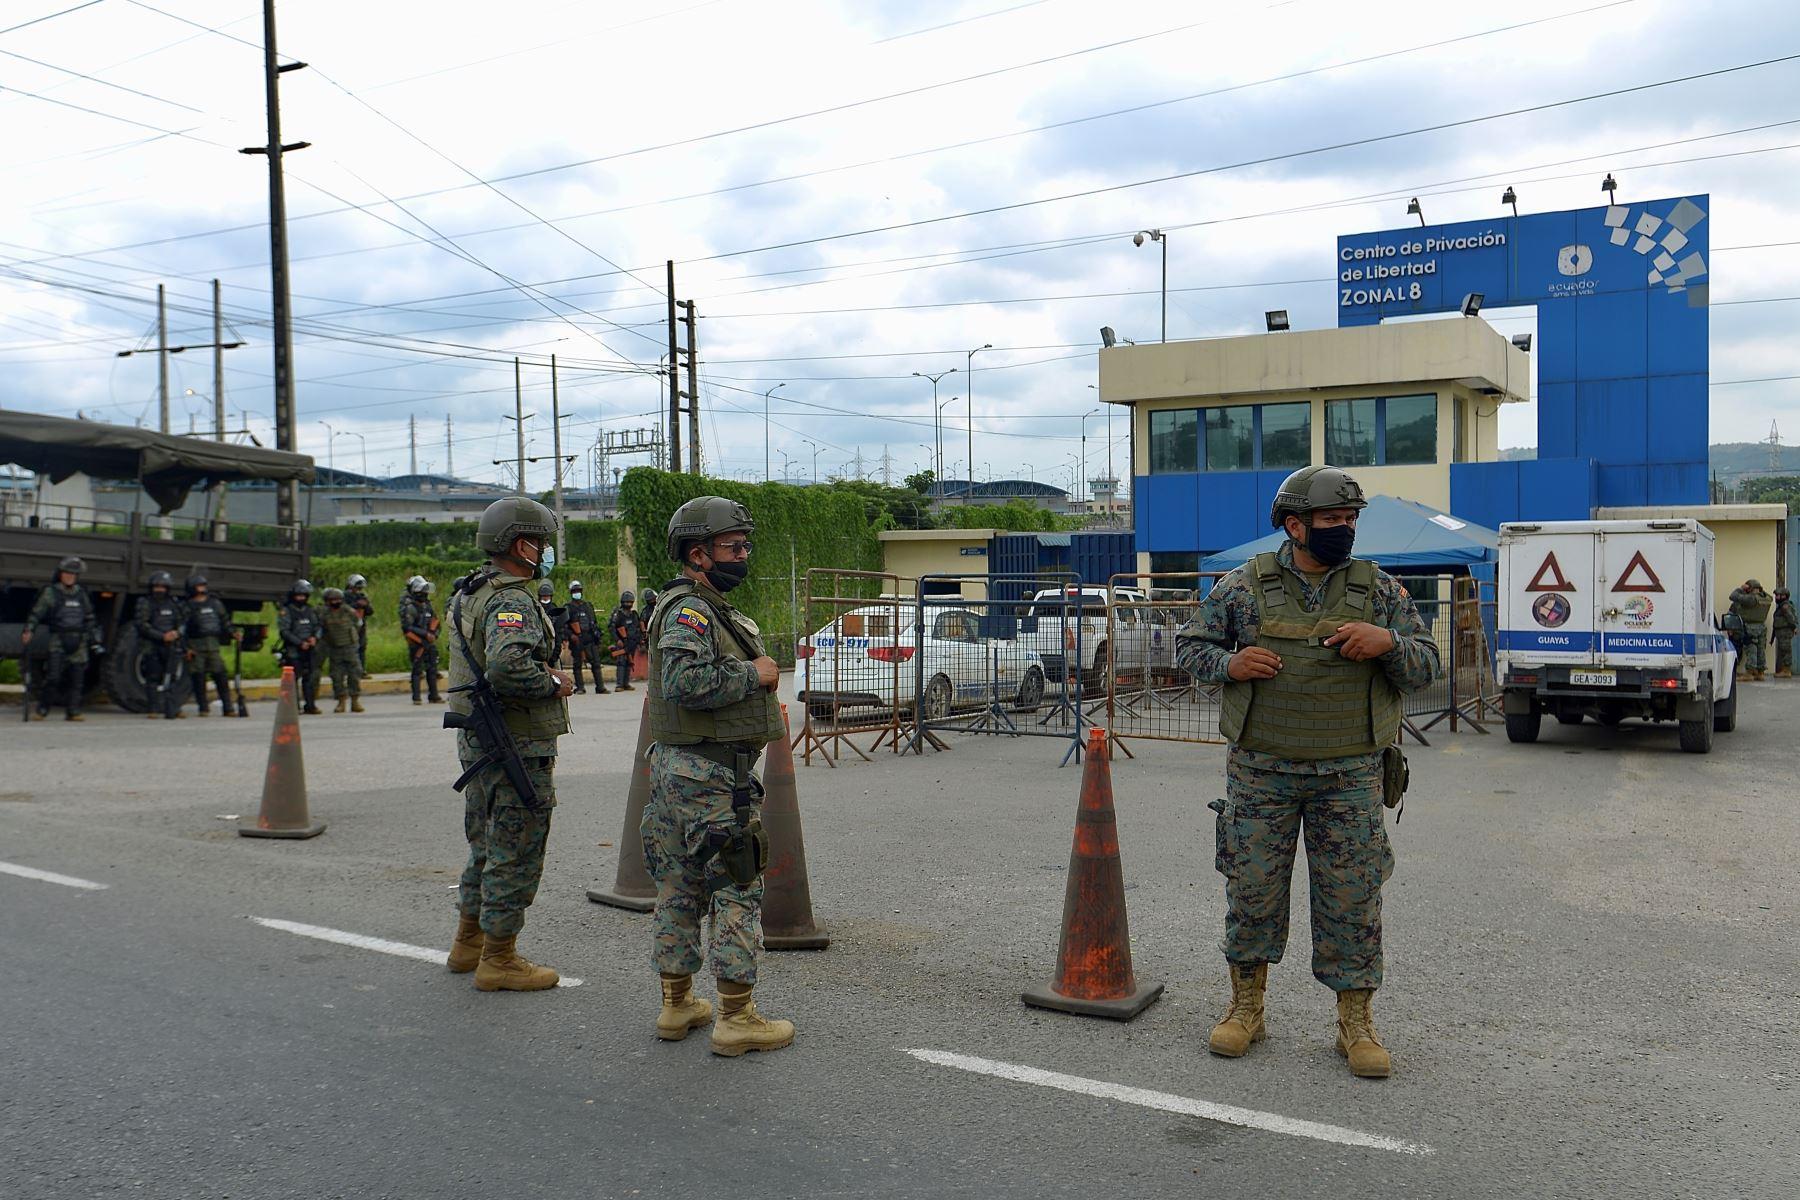 Militares acordonan  el Centro de Privación de Libertad Zonal 8 durante un amotinamiento, en Guayaquil (Ecuador). Más de 50 reclusos murieron  en una serie de amotinamientos ocurridos en tres prisiones de varias ciudades de Ecuador. Foto: EFE